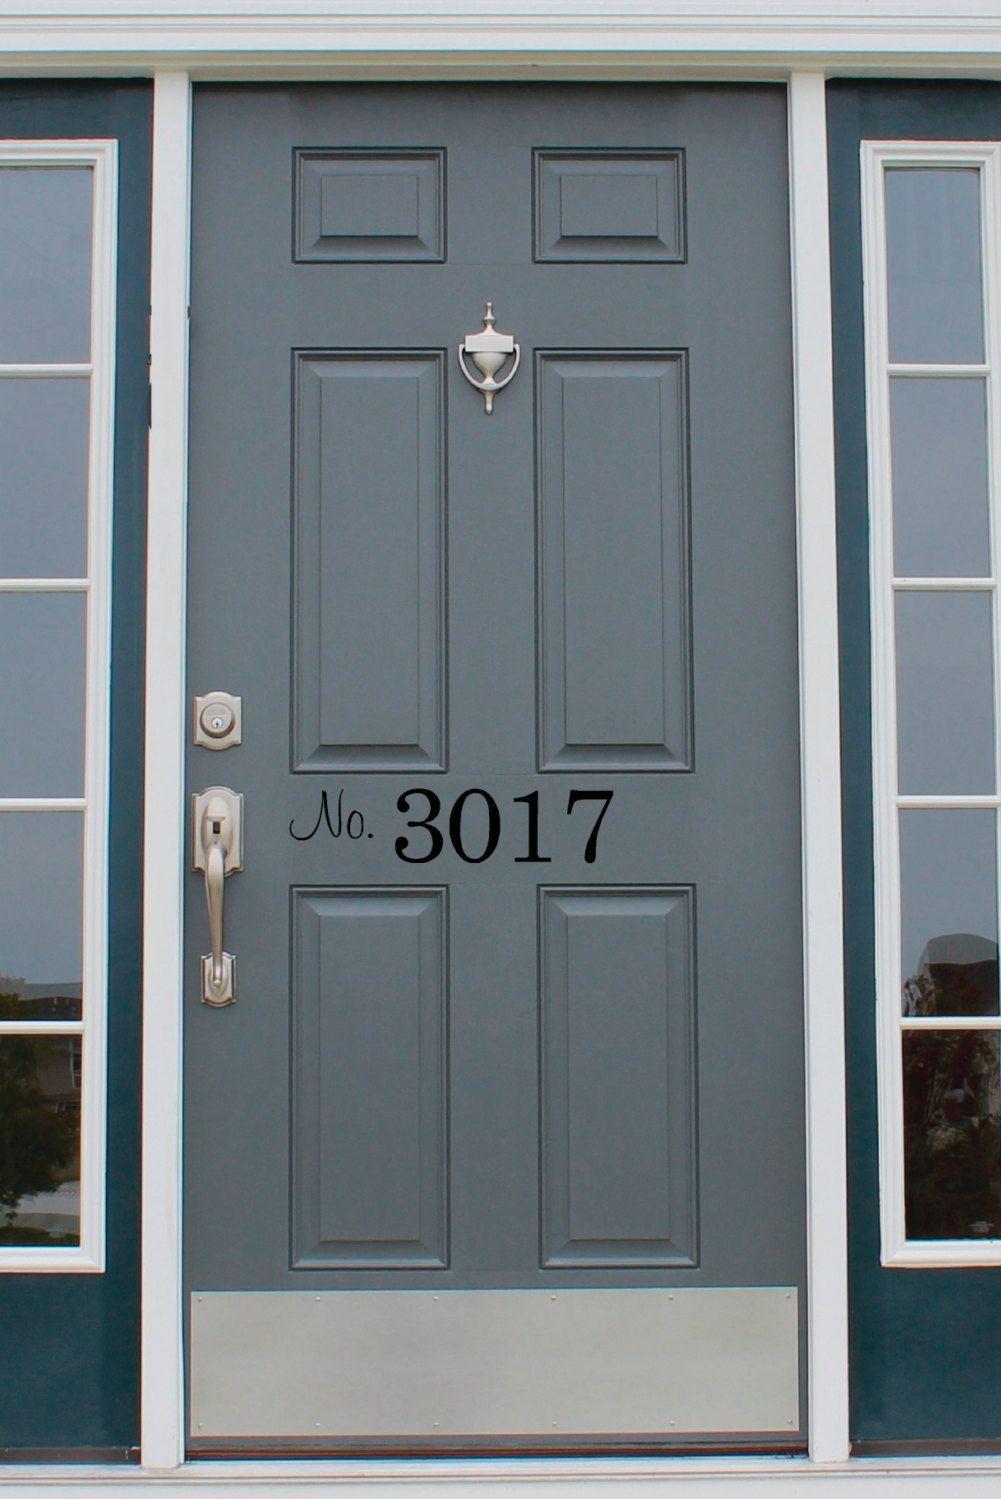 Beautiful Front Door Number Decal, Home Address Decal, Street Number Door Decal By  EyeCatcherDecals On